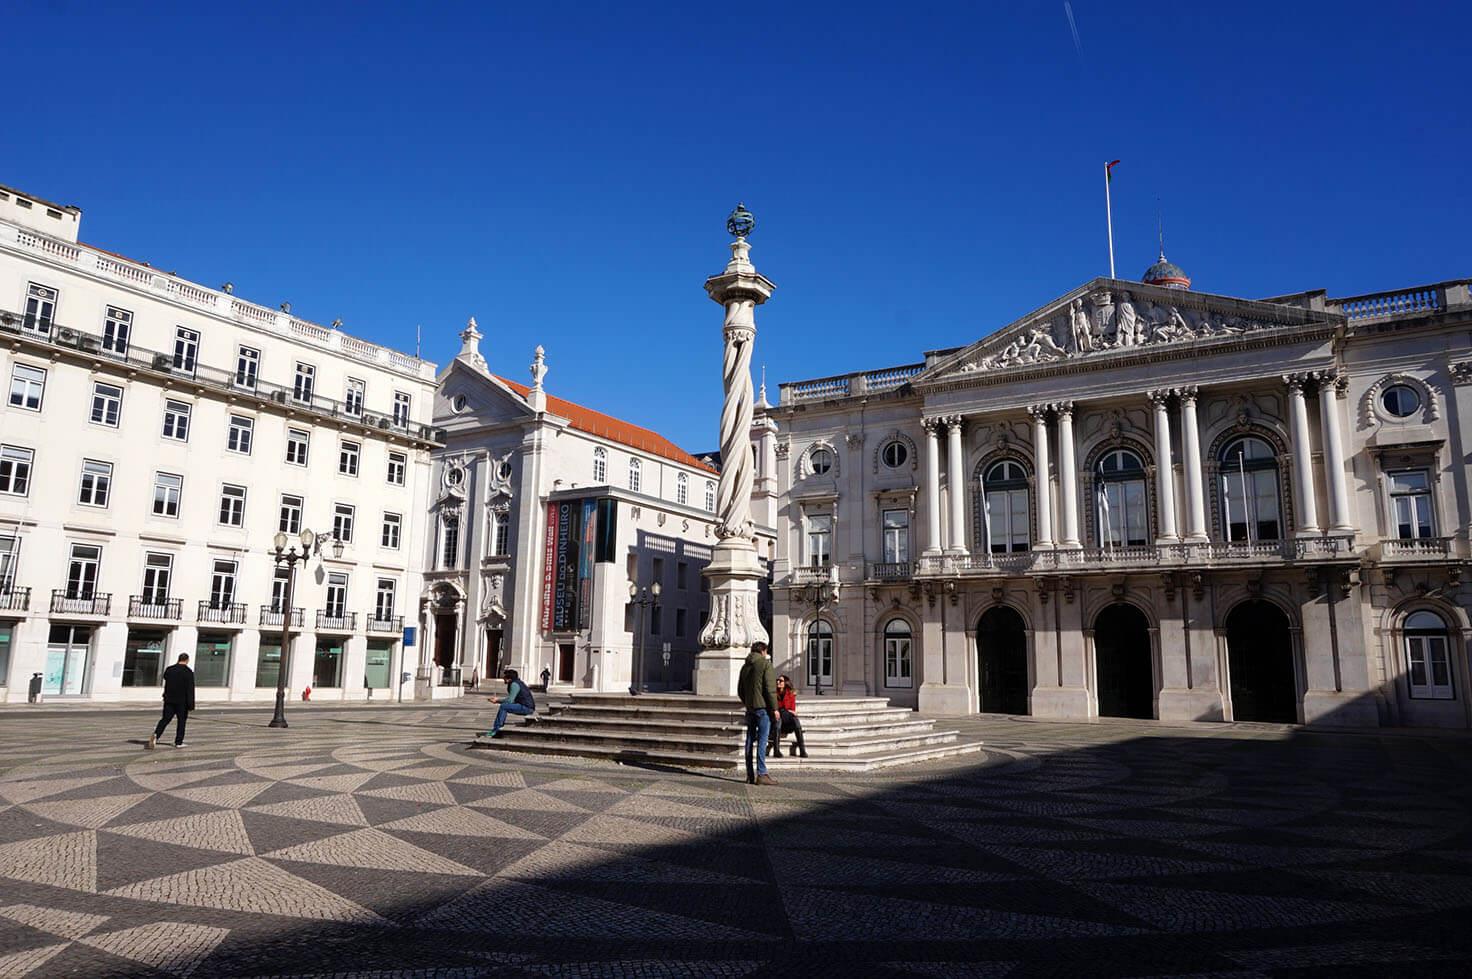 Lisbon Architecture - Squares